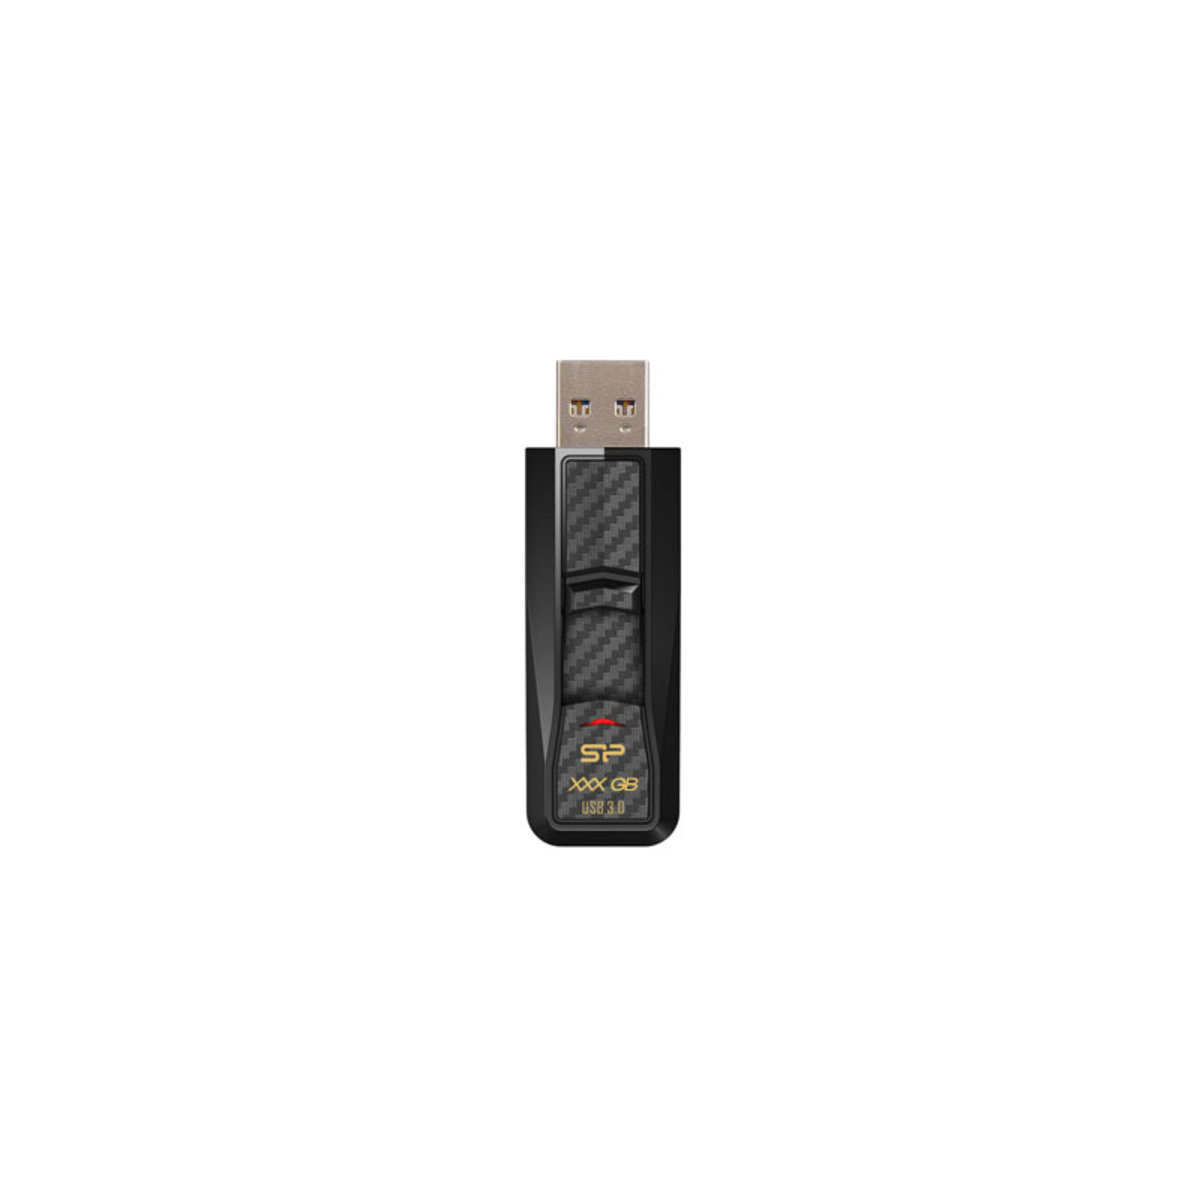 高速USB3.0快閃記憶棒 128GB Blaze B50 黑色